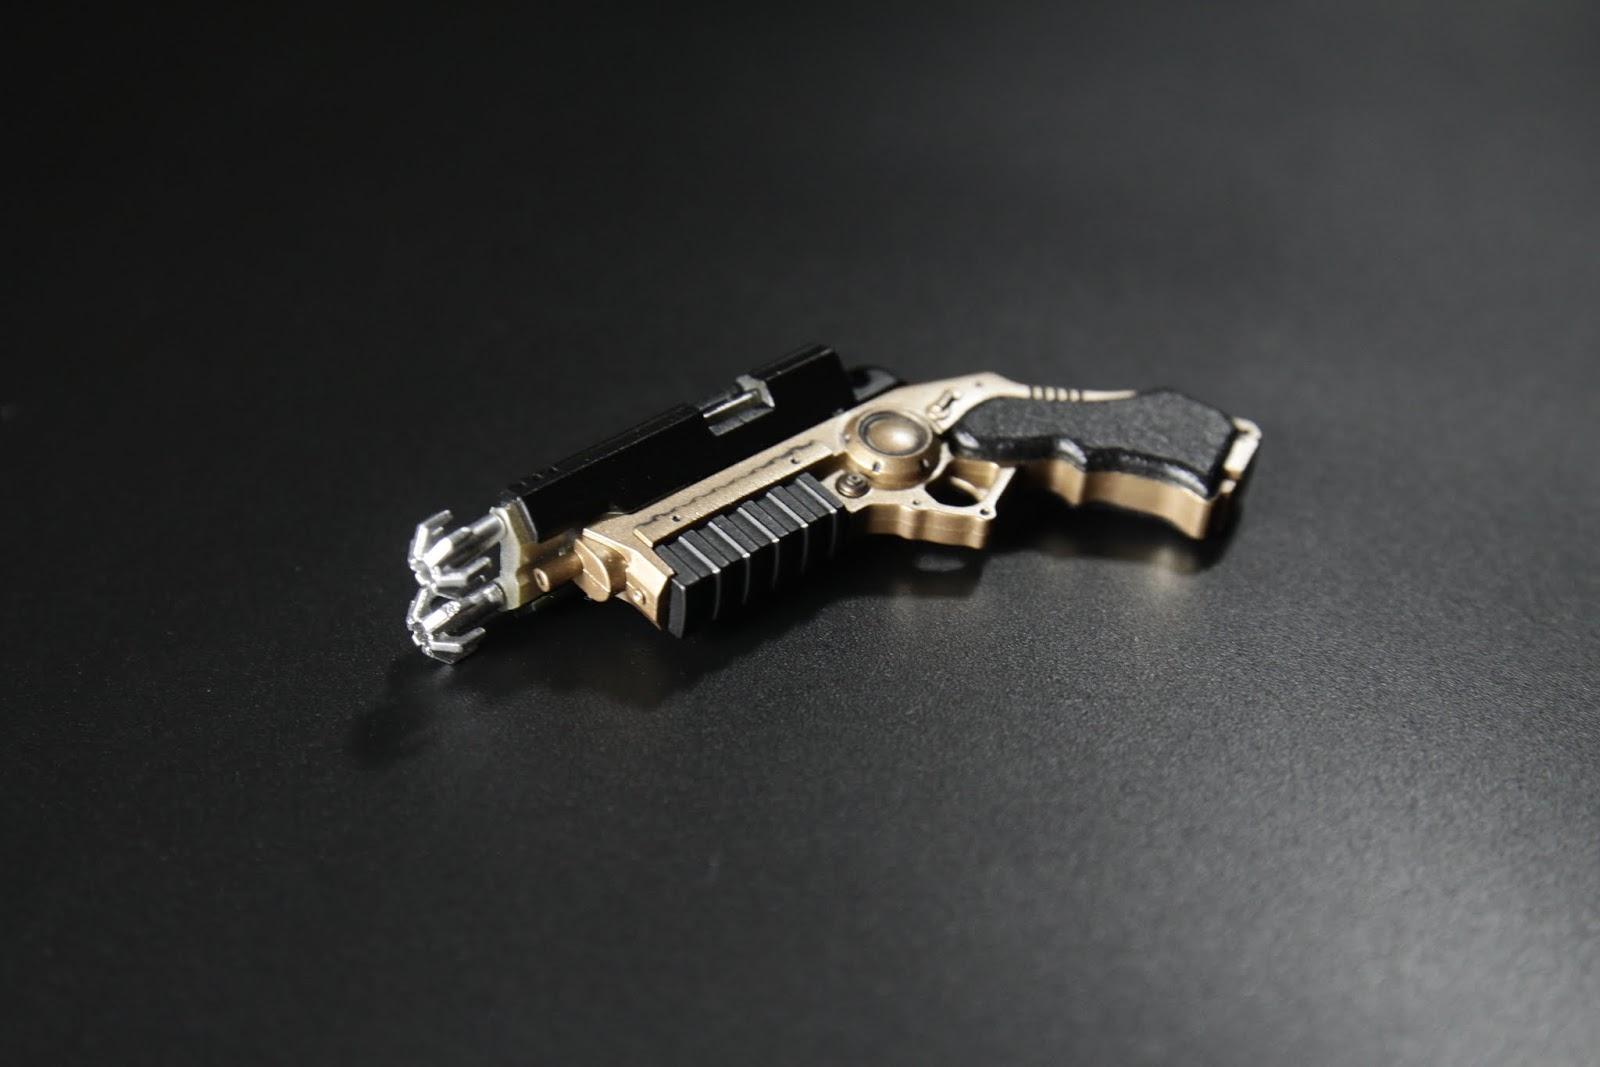 勾爪可以安裝在勾繩槍上, 但很怕連接部斷掉